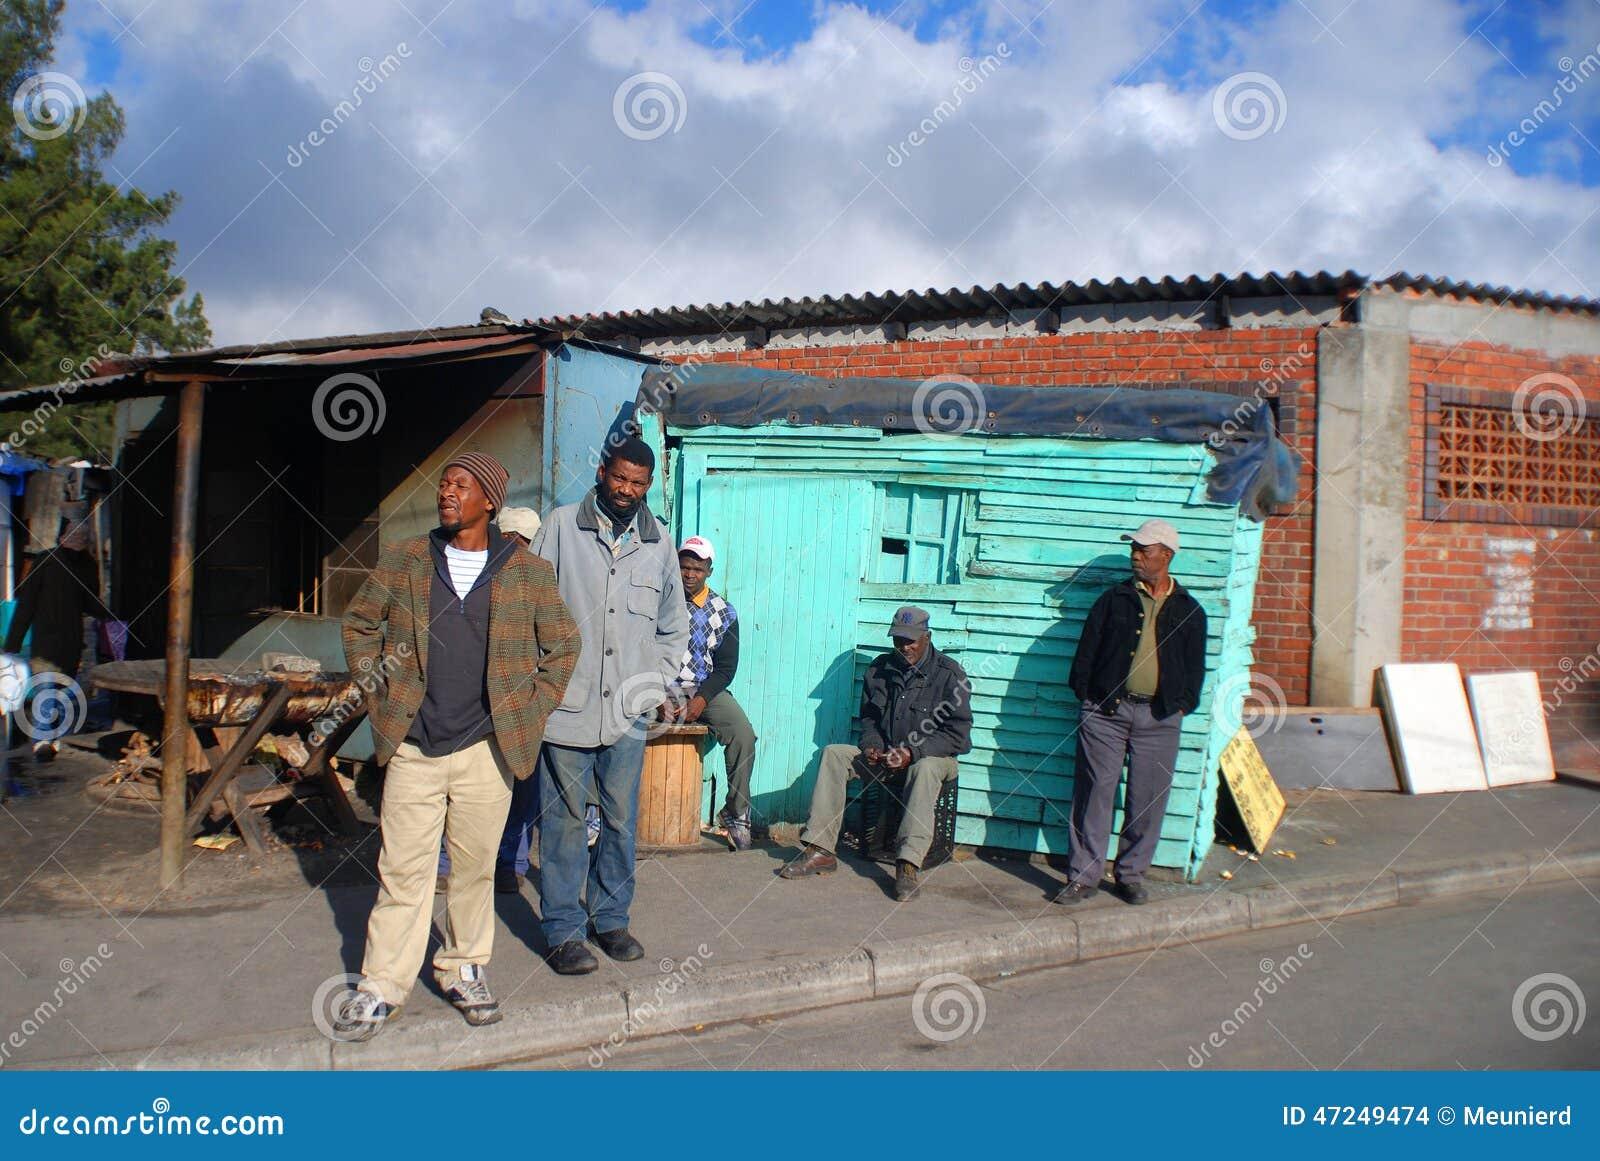 El grupo de hombres camina en la calle en el municipio de Khayelitsha